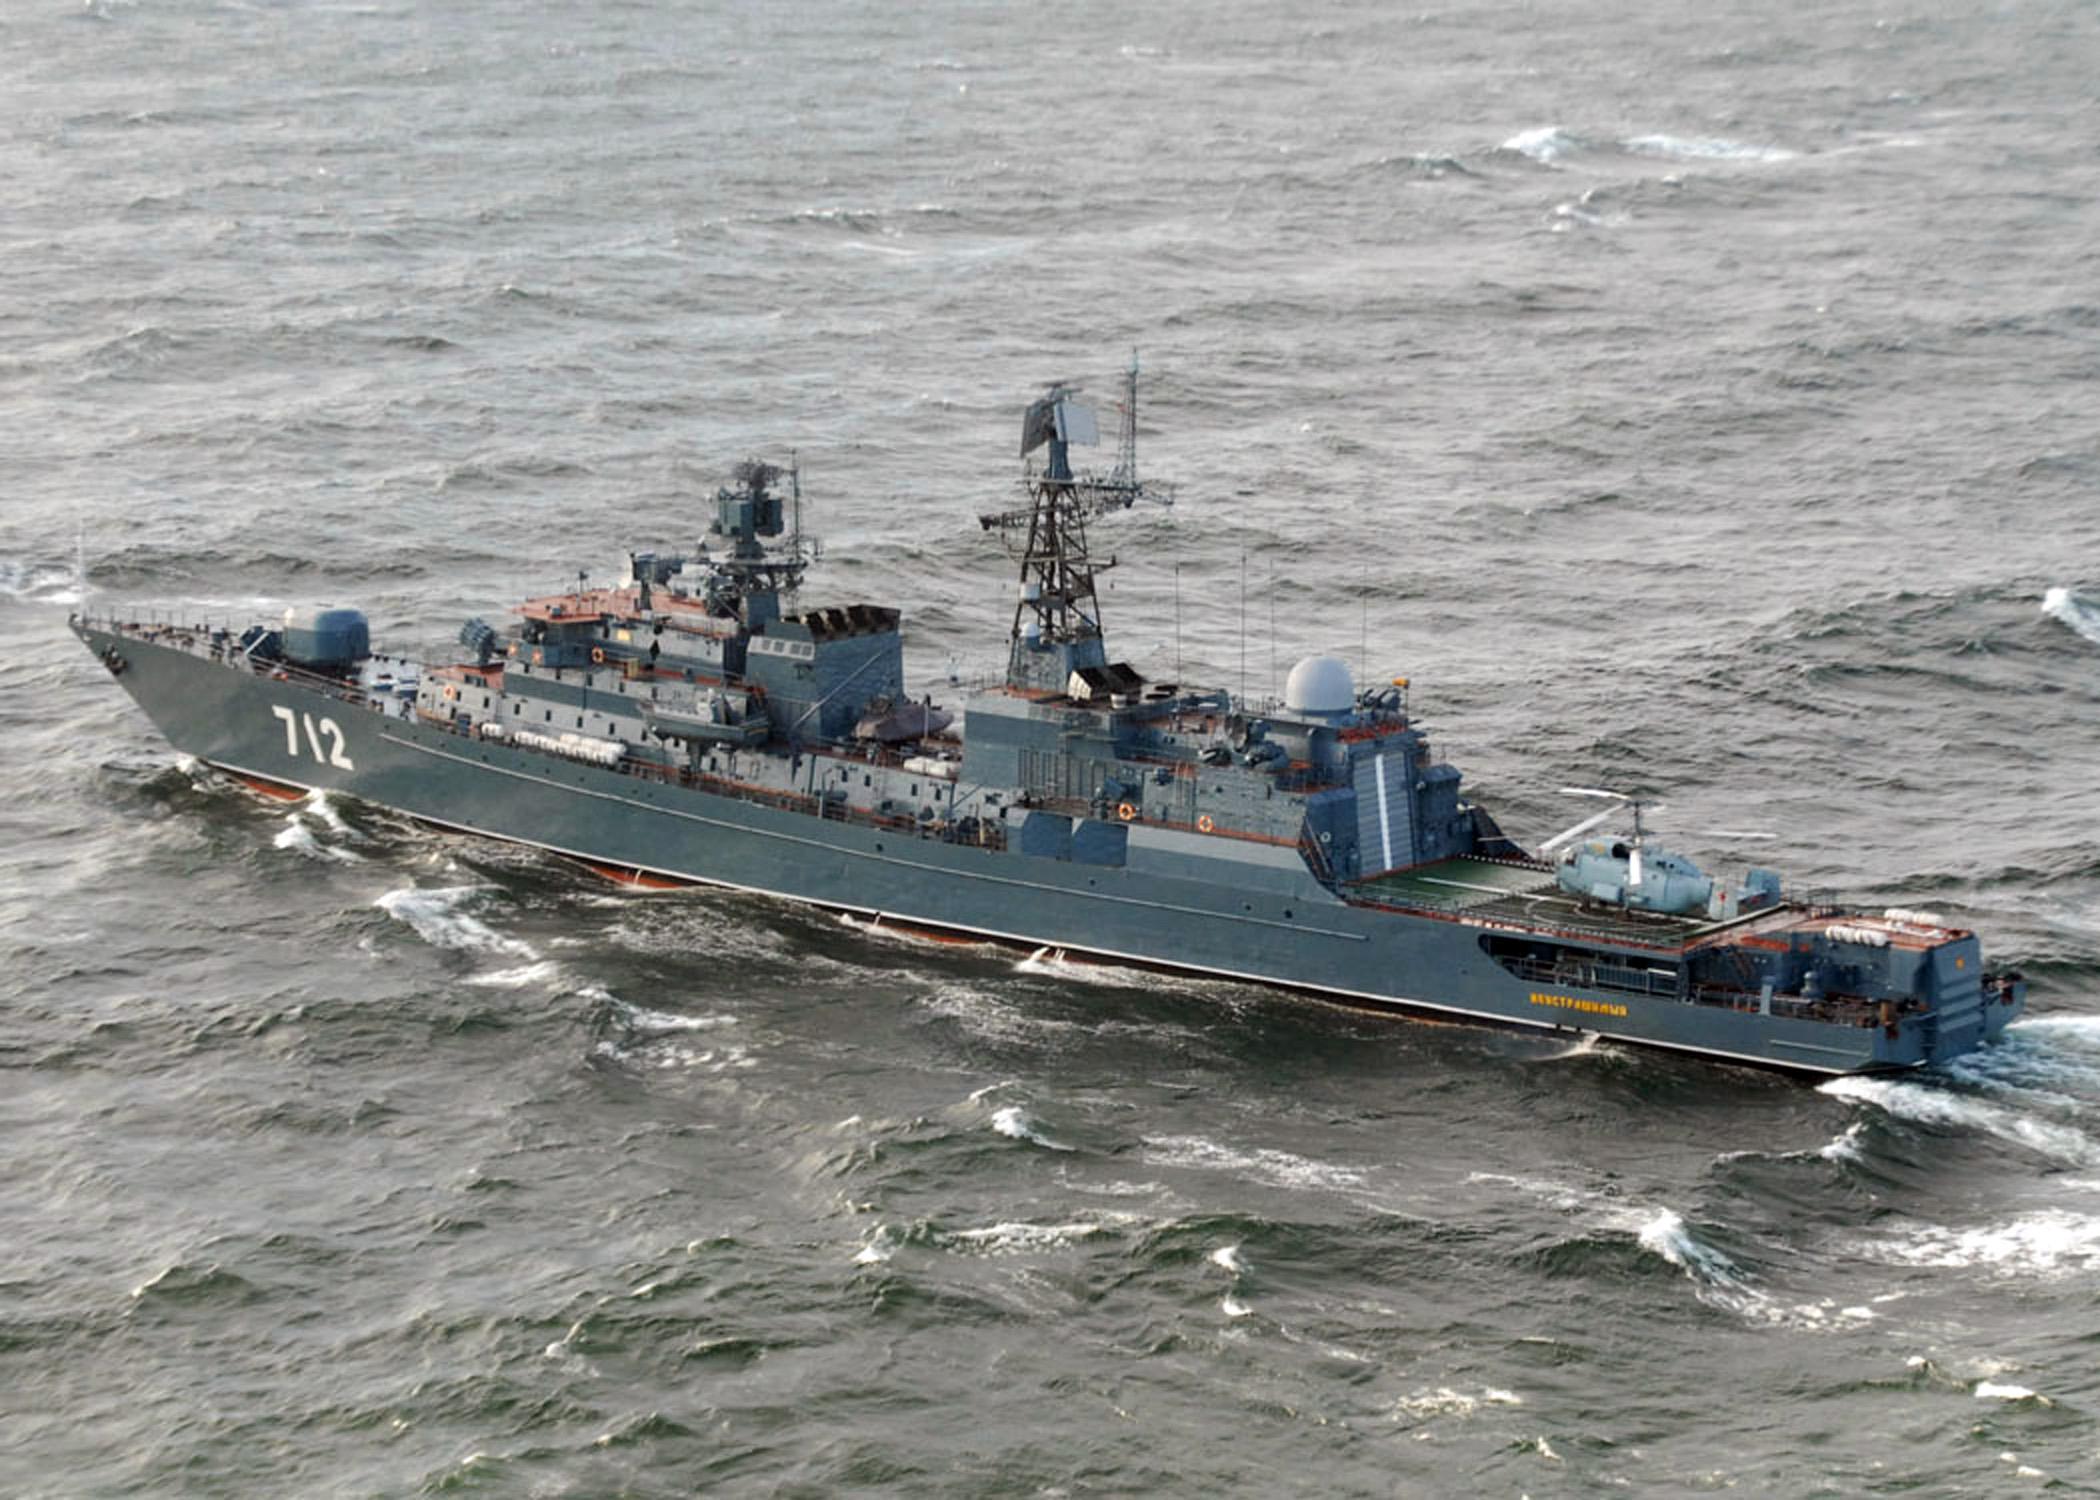 ロシアの水上艦 | N.G.クズネツ...